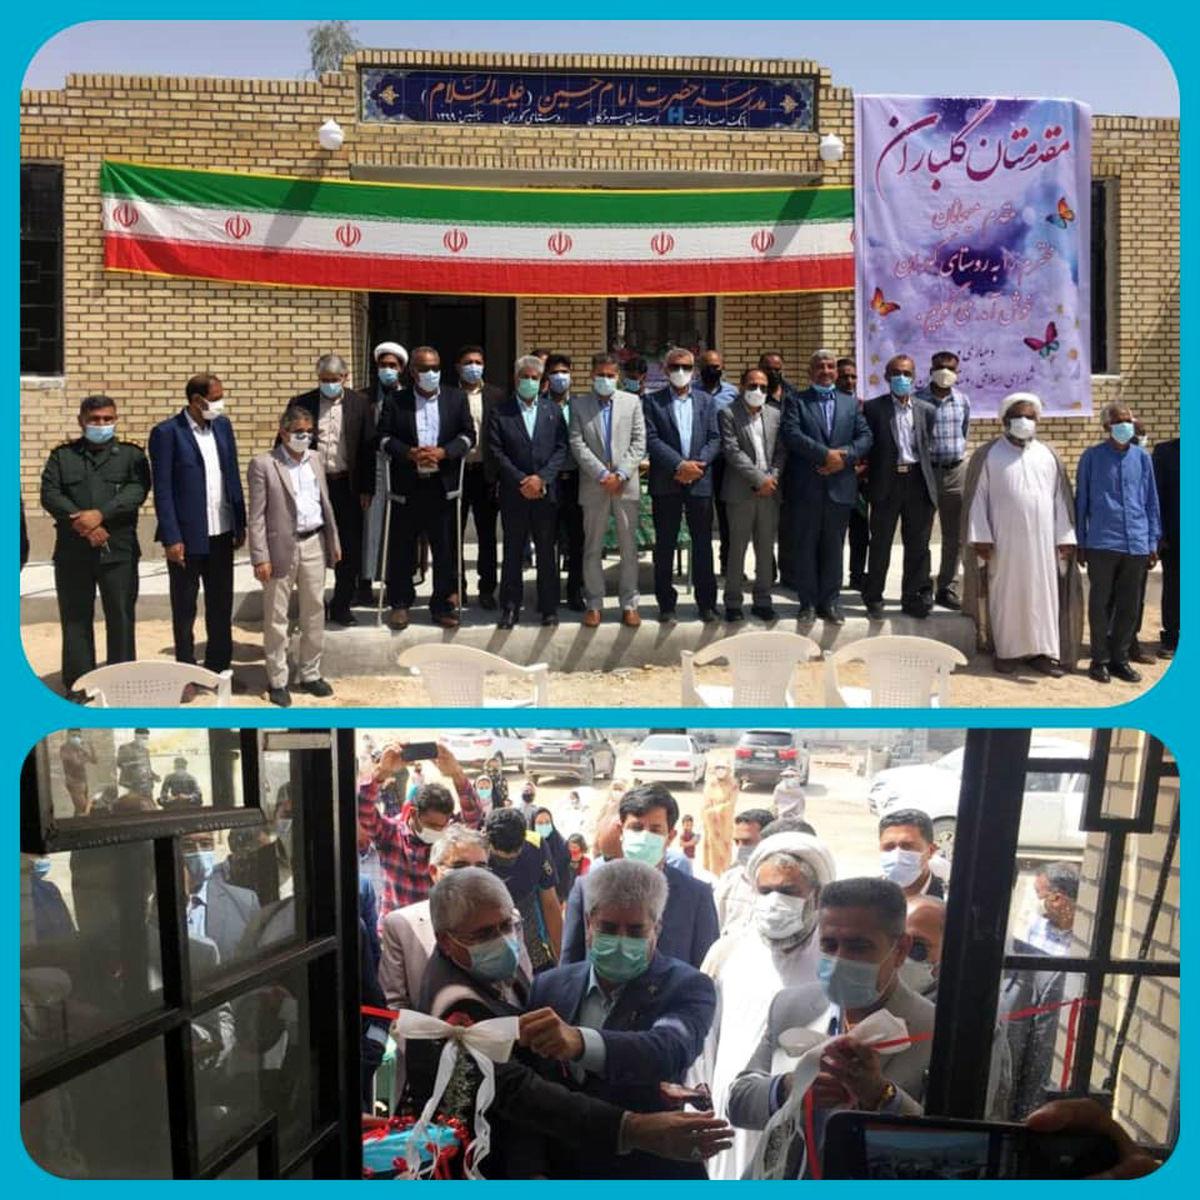 افتتاح مدرسه در روستای کوران هرمزگان با مشارکت خیرین بانک صادرات ایران